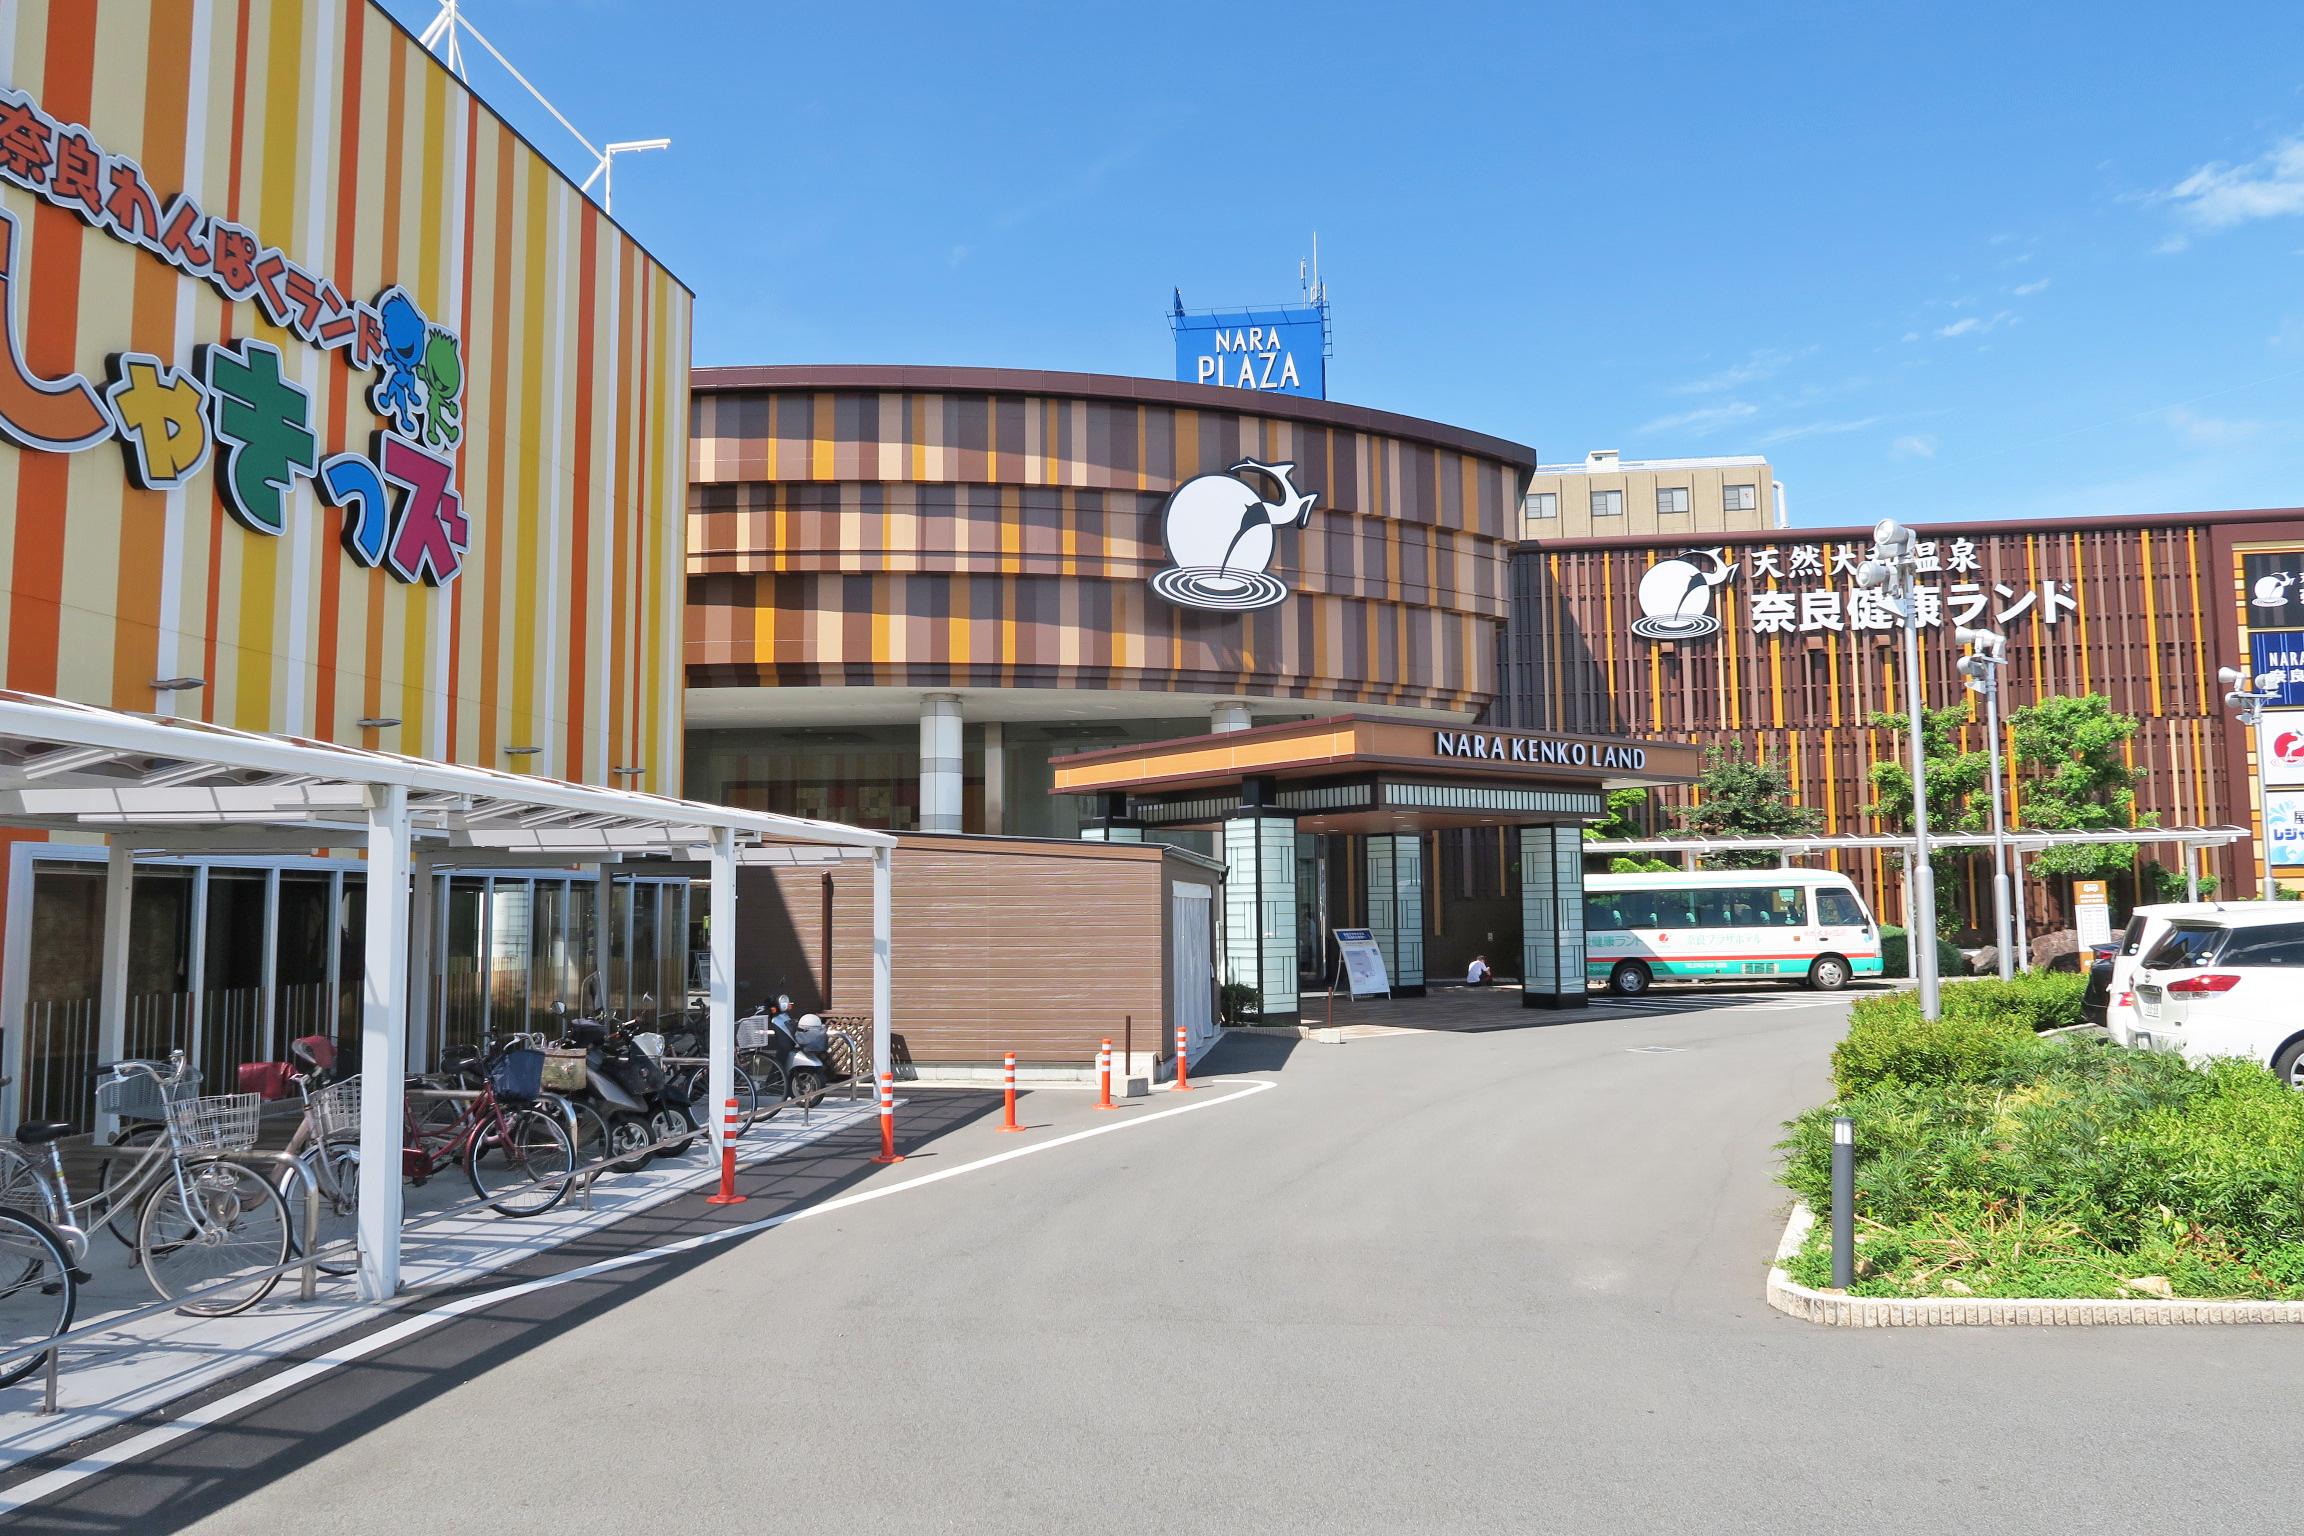 奈良健康ランドの建物。奥には宿泊施設あり。朝10時開店には、すでに沢山の車が。w(*゚o゚*)w